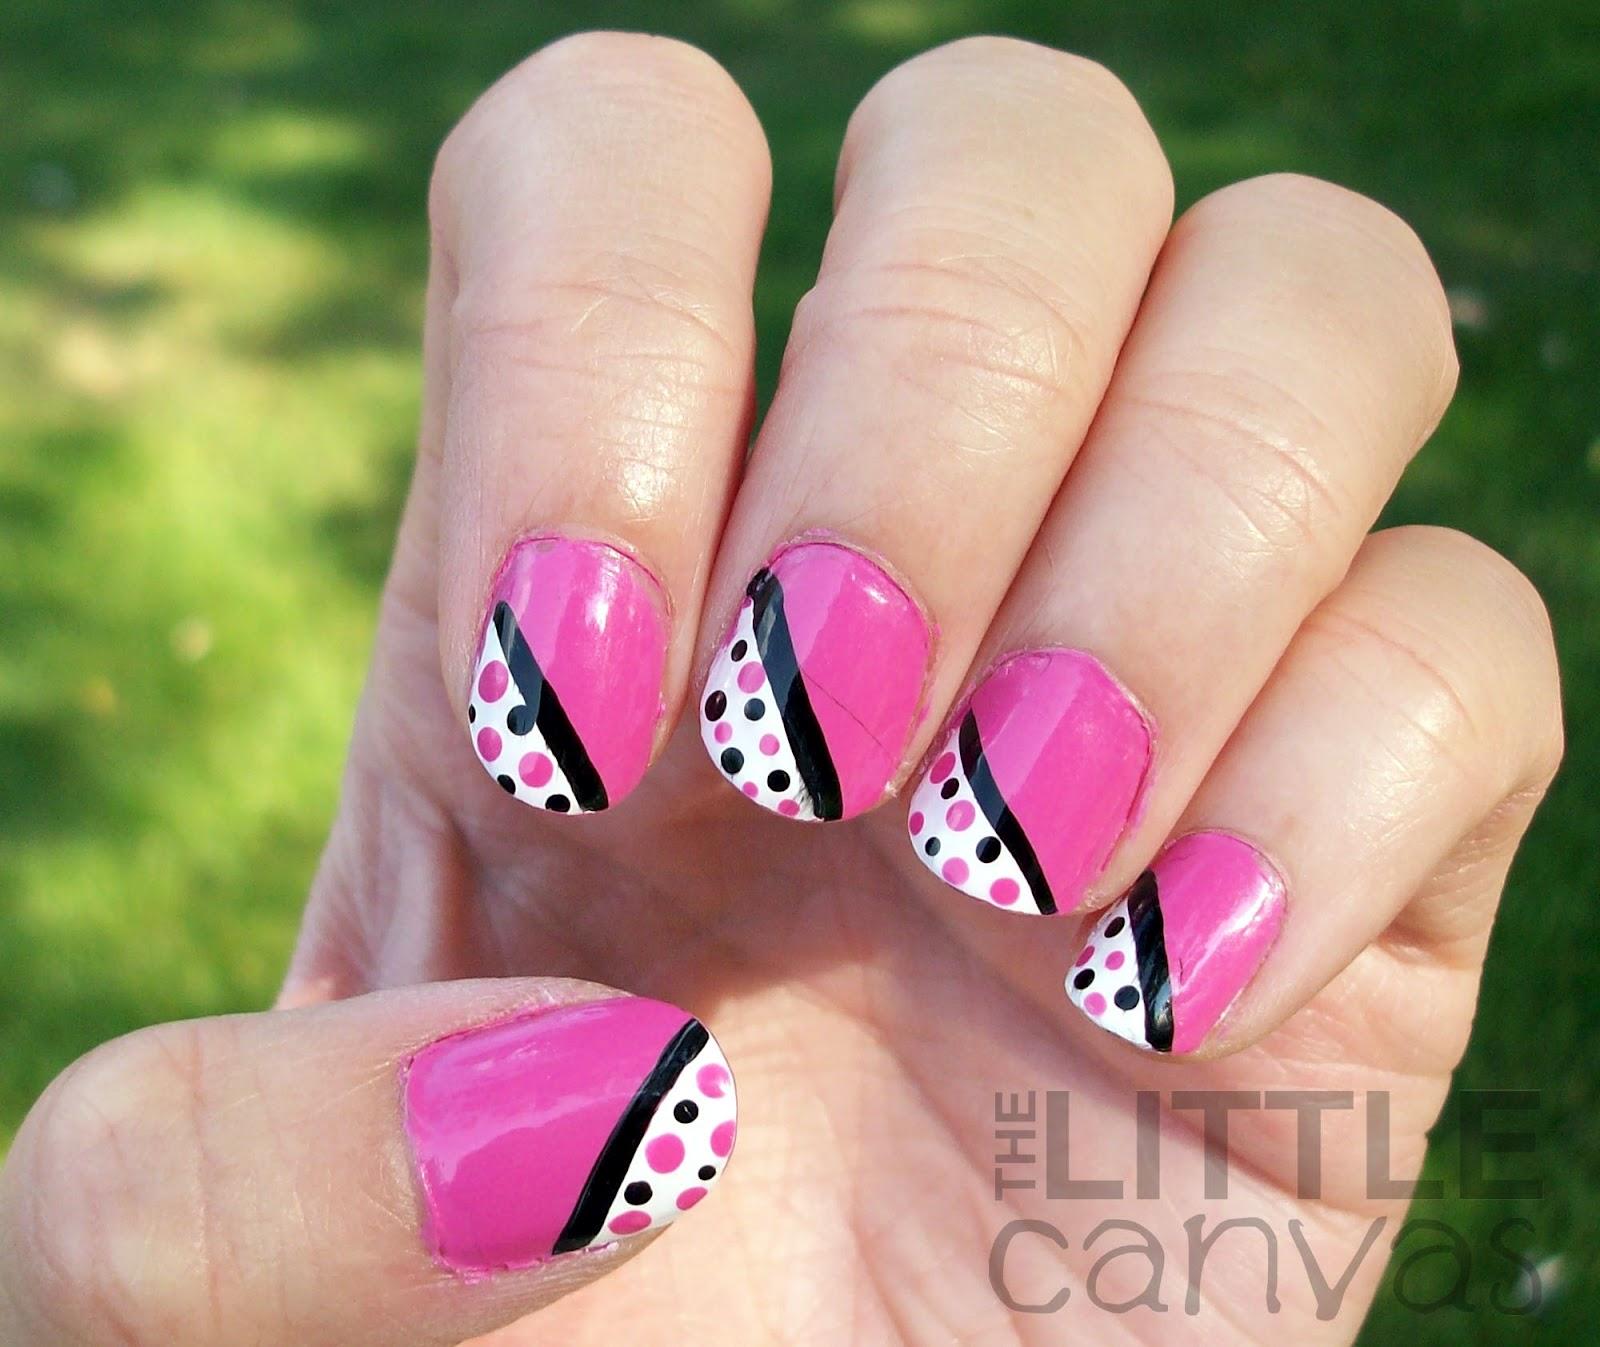 http://4.bp.blogspot.com/-iiNci60QDcs/UDv6c-nDVmI/AAAAAAAAA74/dvCHkNhyl_Q/s1600/Pink+Dotted+Tip+1.jpg